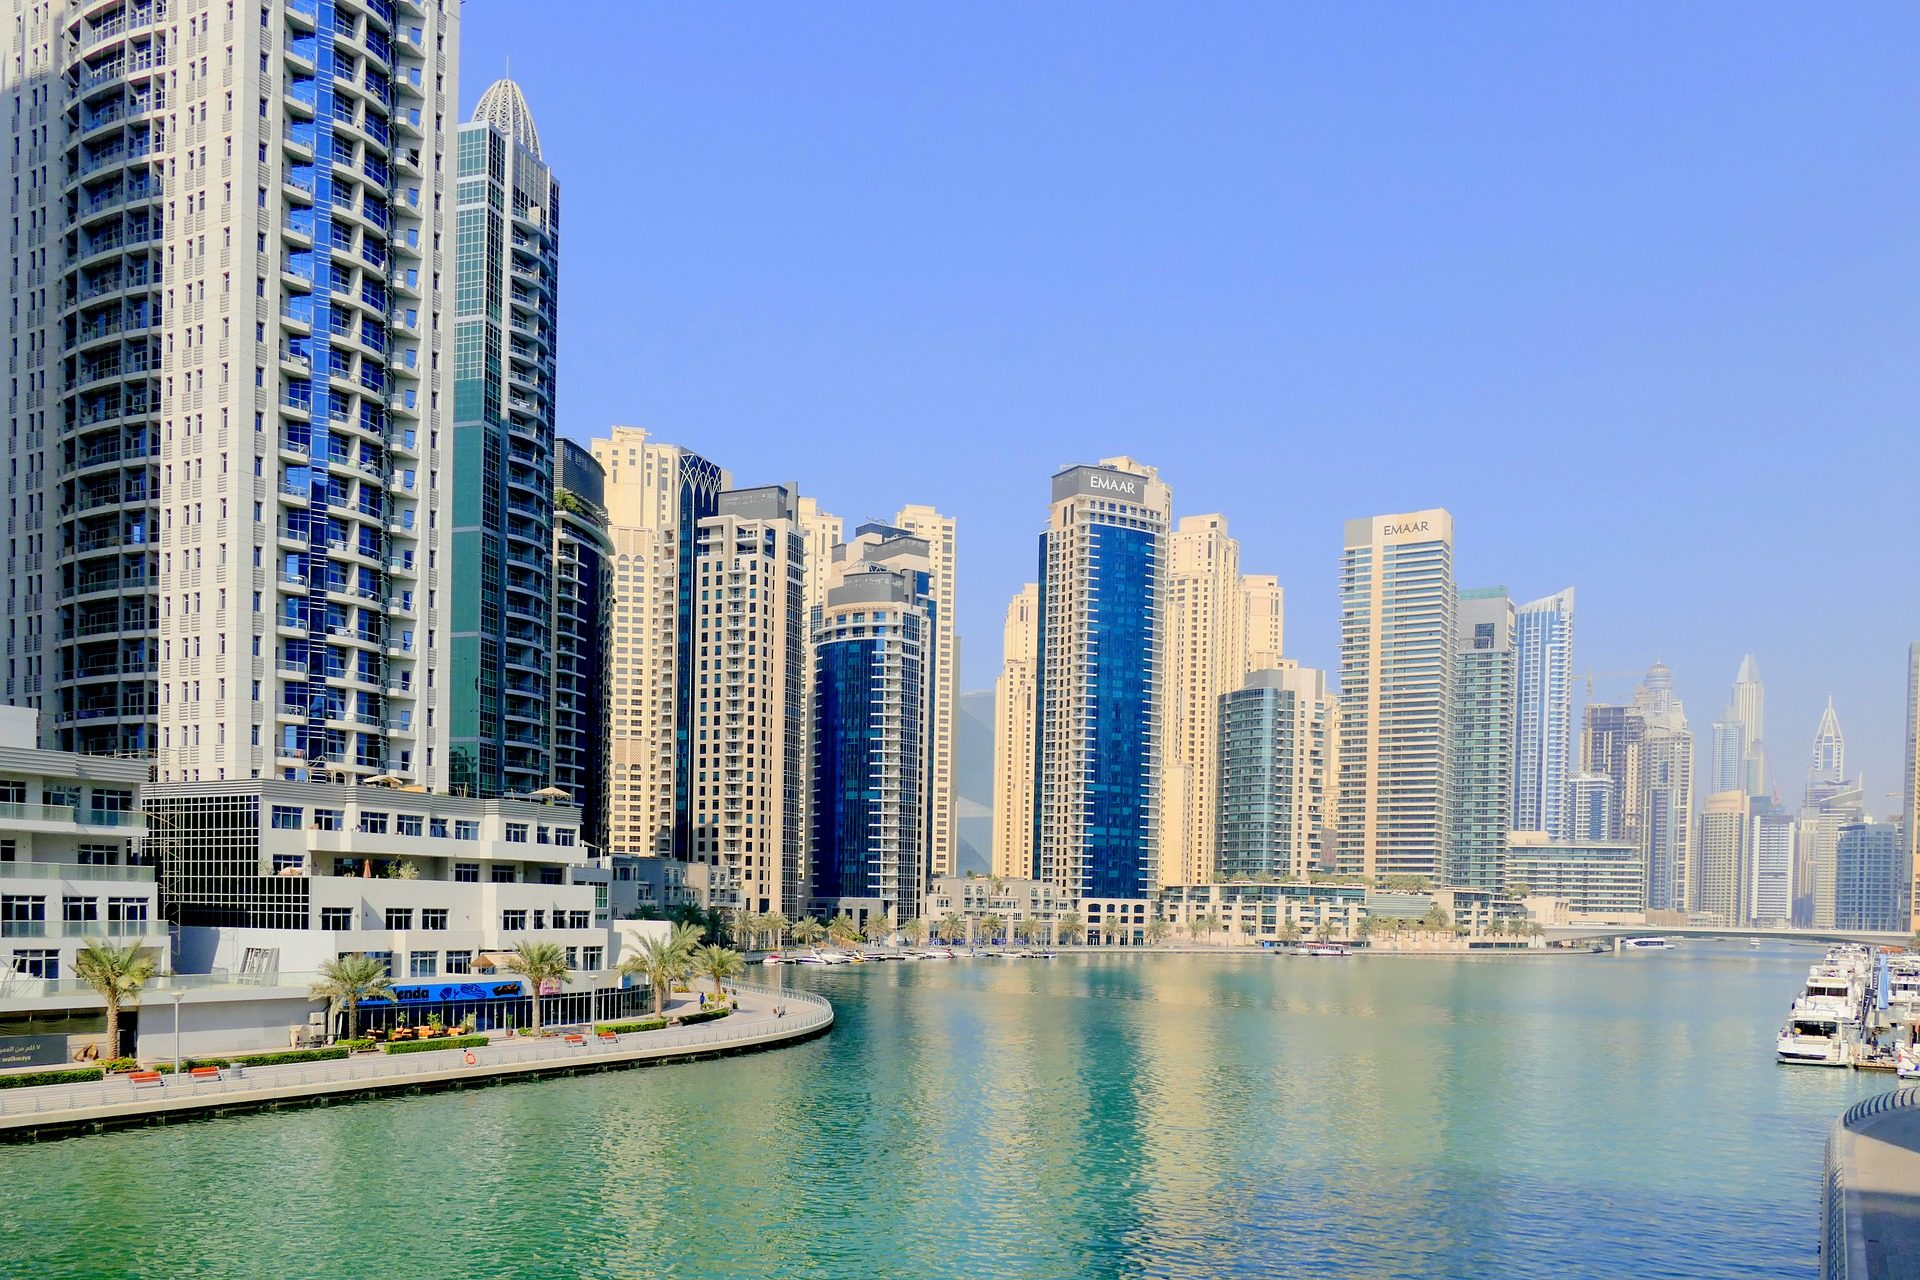 Город, Порт, небоскреб, здания, воды, на фоне линии горизонта, Дубай - Обои HD - Профессор falken.com